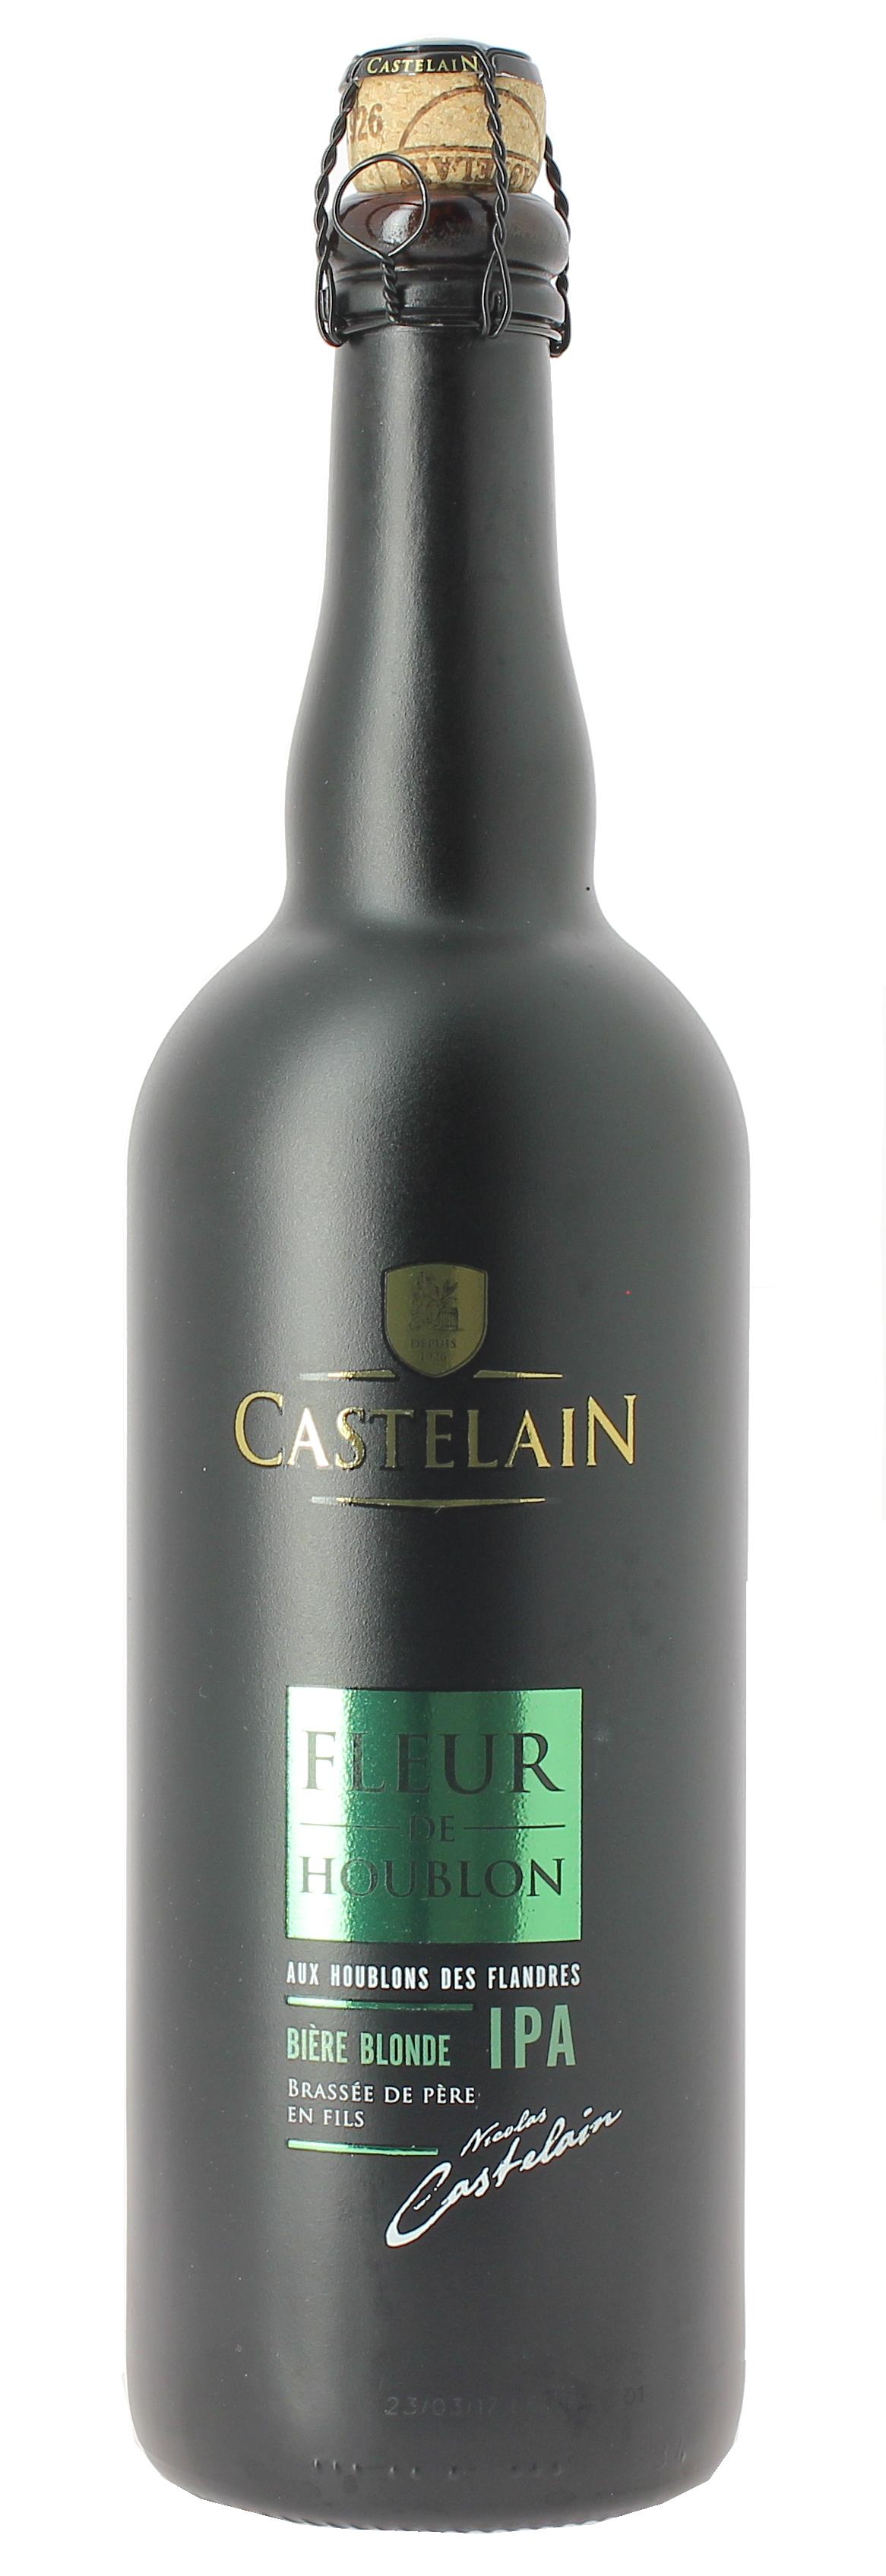 Castelain Fleur de Houblon - 75 cl